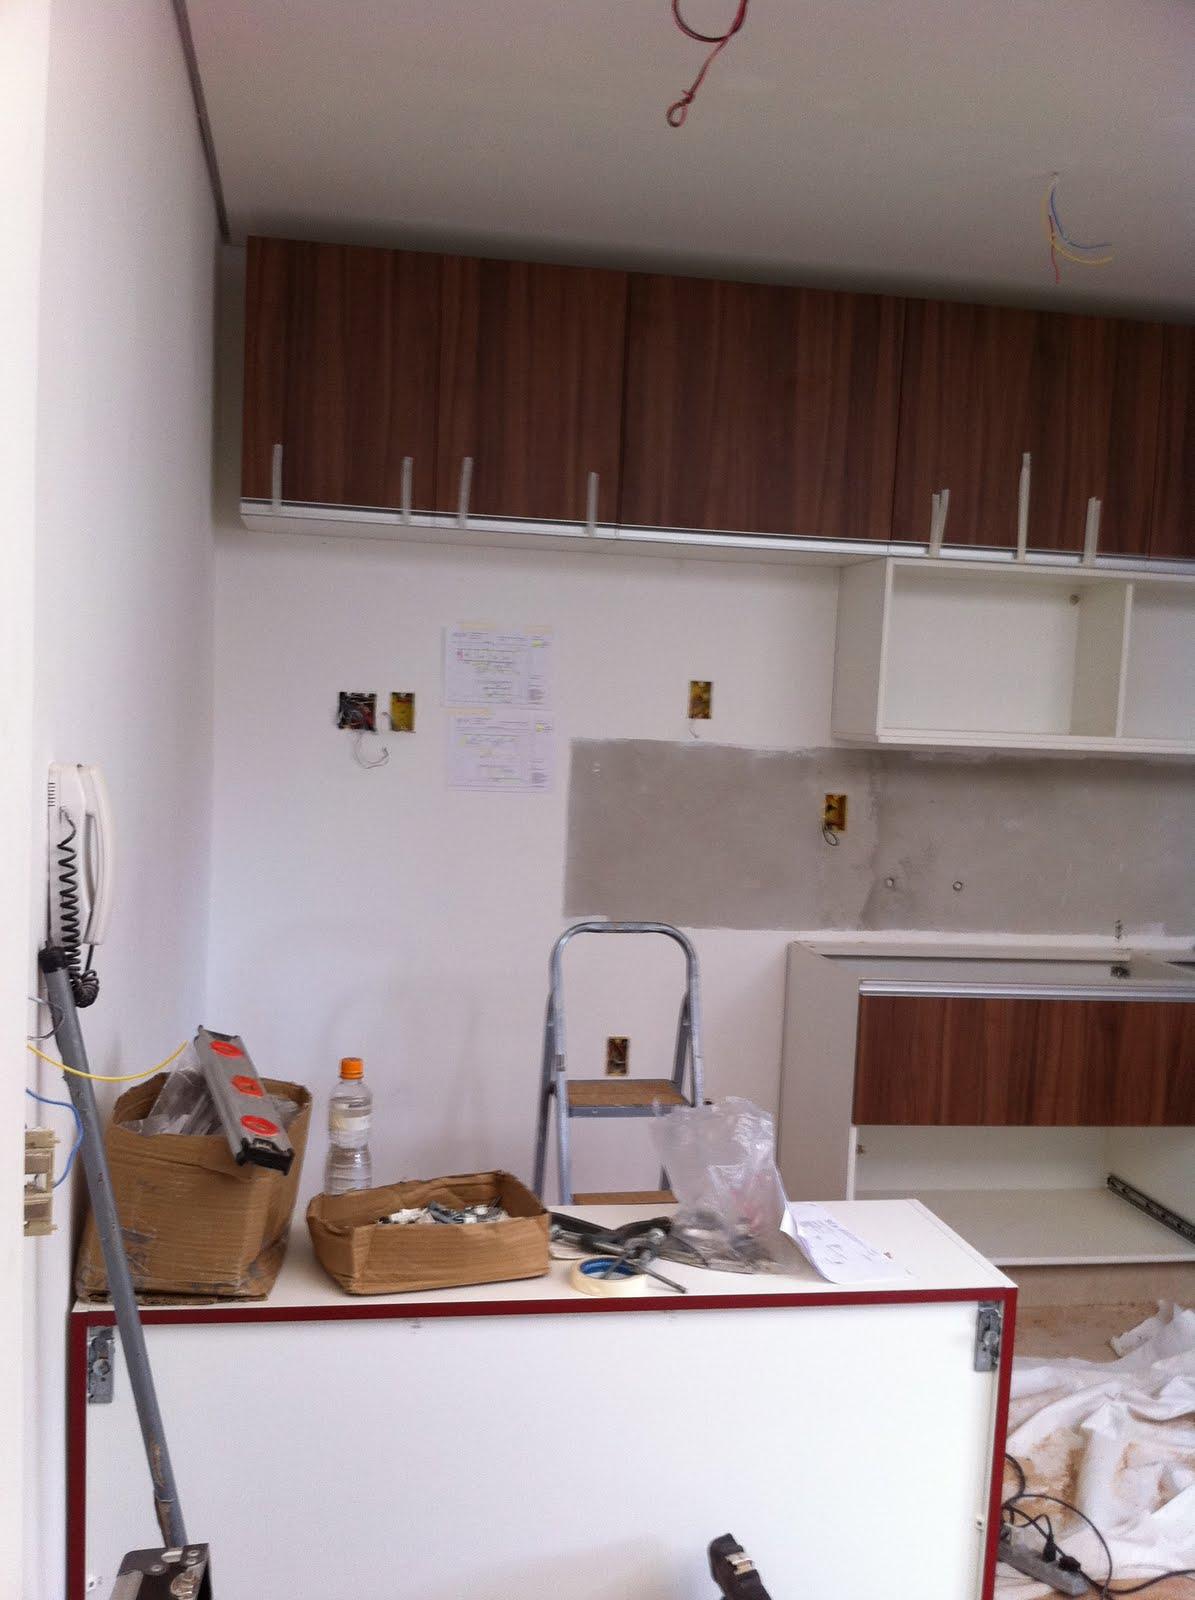 Carolina Lira Design de Interiores: Cozinha - Cambuci - SP